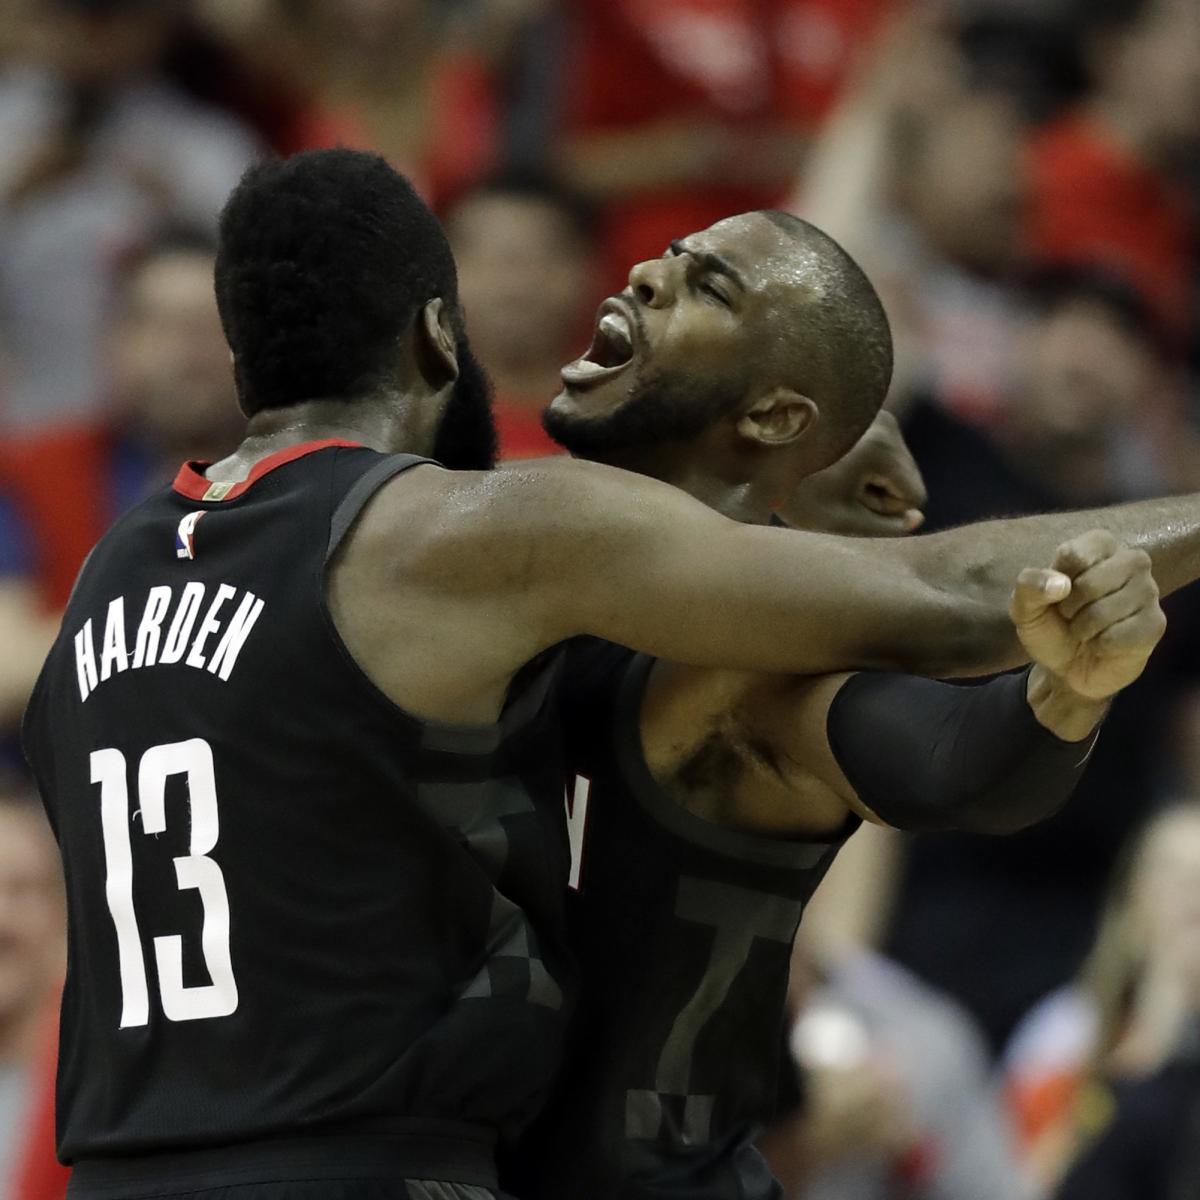 James Harden Nba Records: NBA History Hasn't Seen Many 1-2 Punches Like James Harden